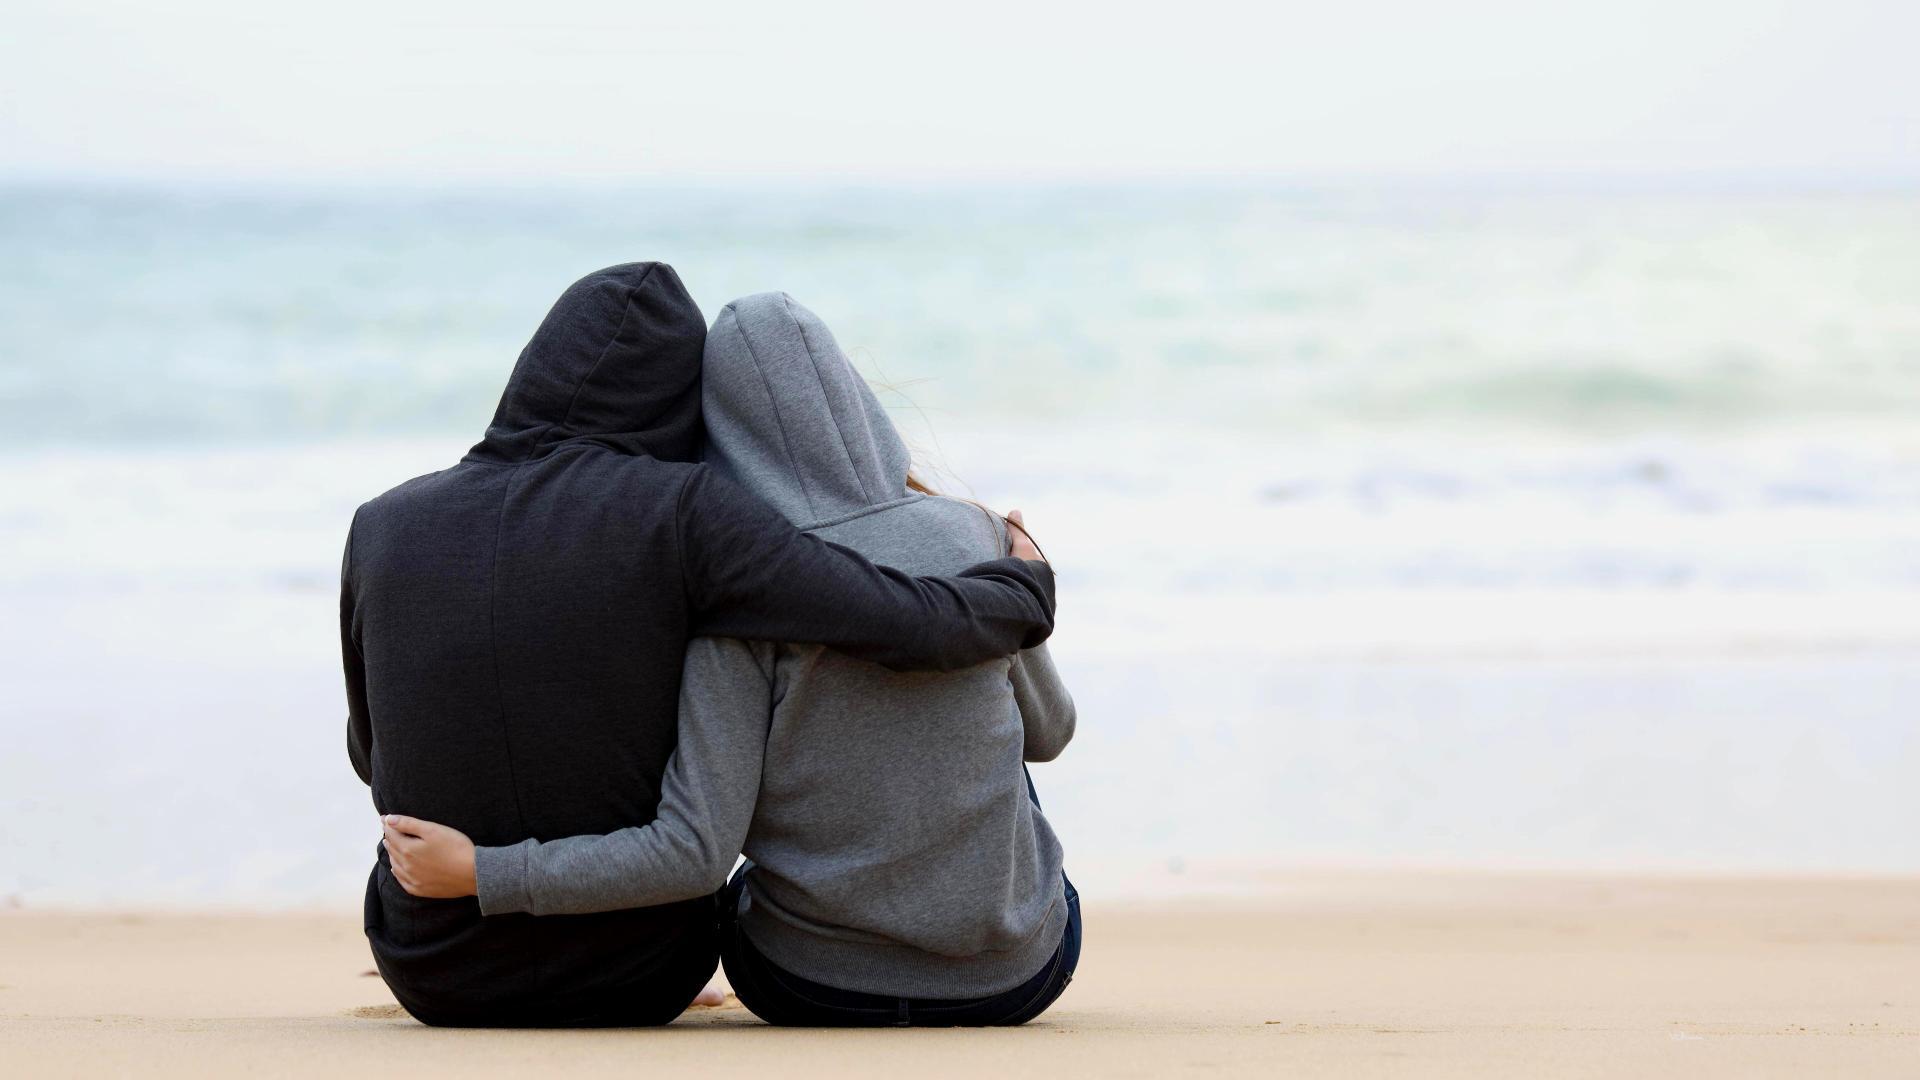 Pärchen sitzt am Strand, einsam und Arm in Arm